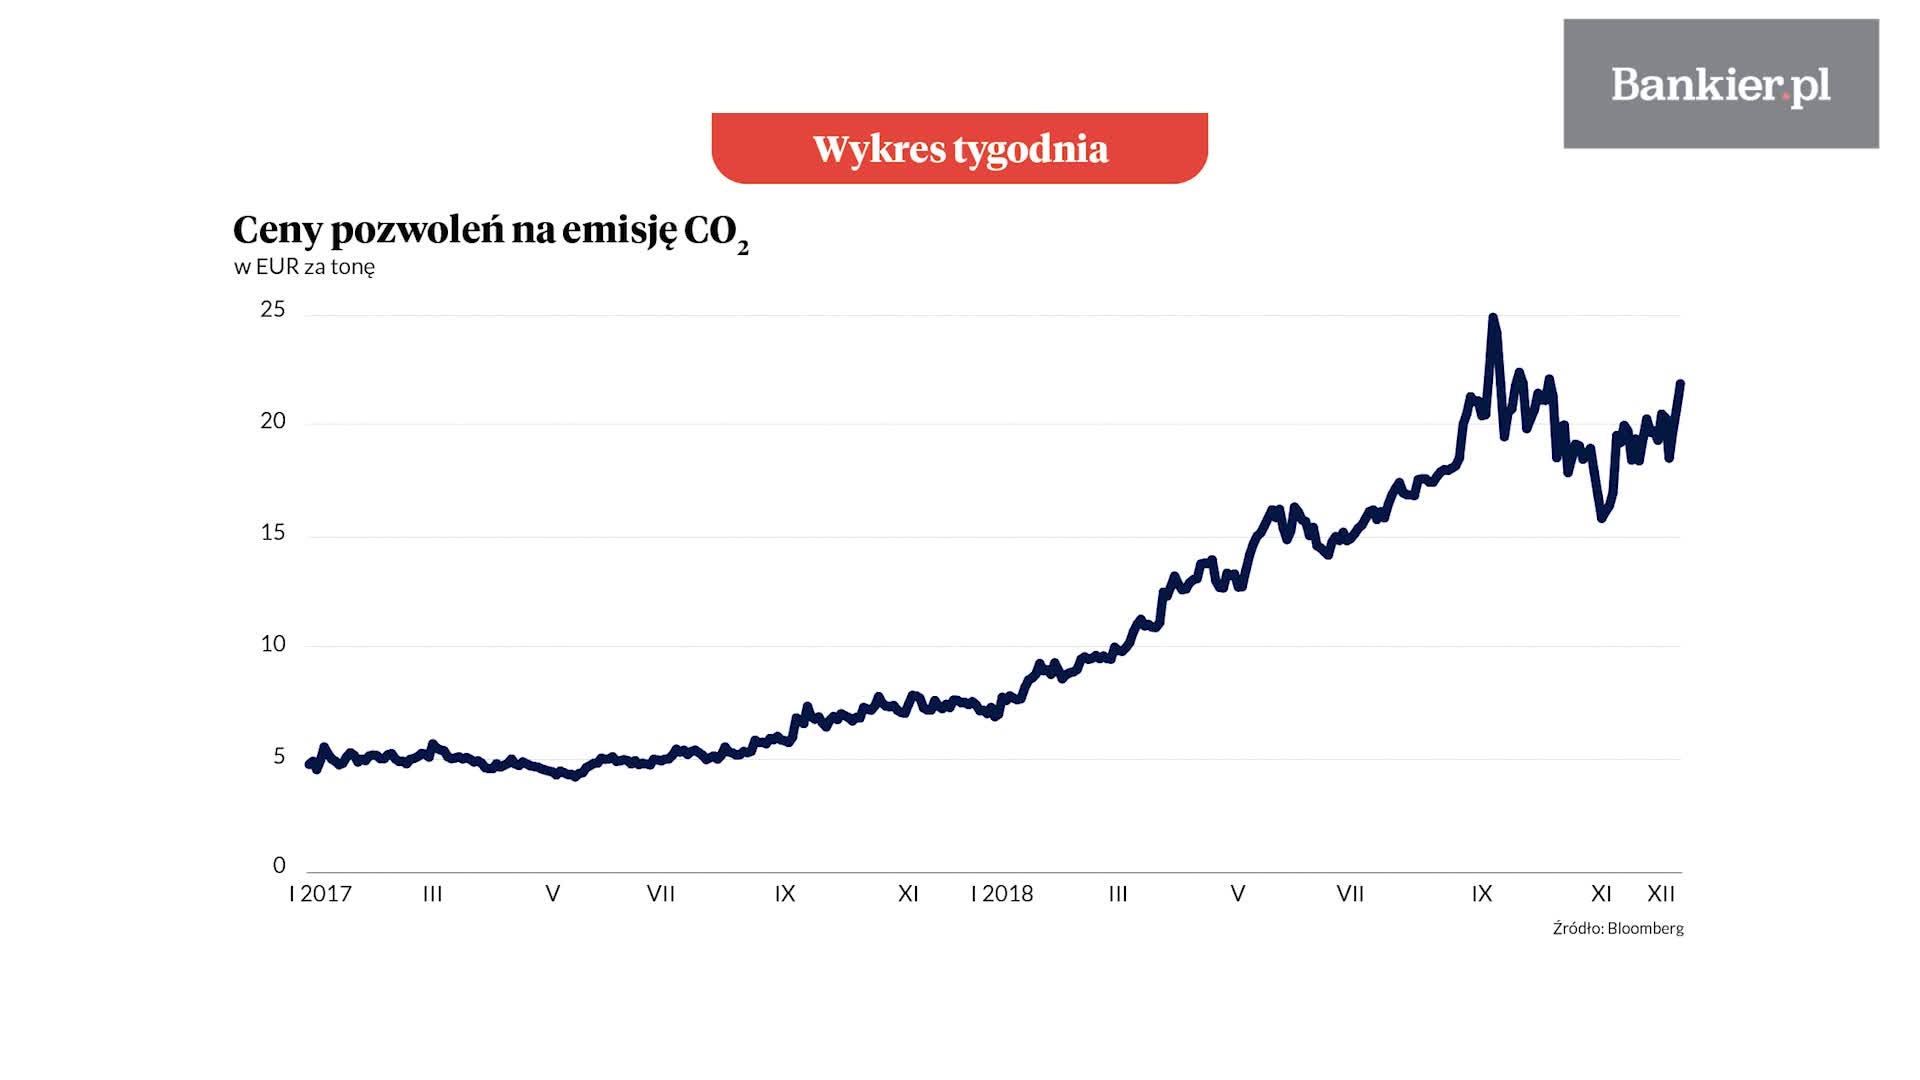 Wykres Tygodnia: Pozwolenia na emisję CO2 znów mocno drożeją